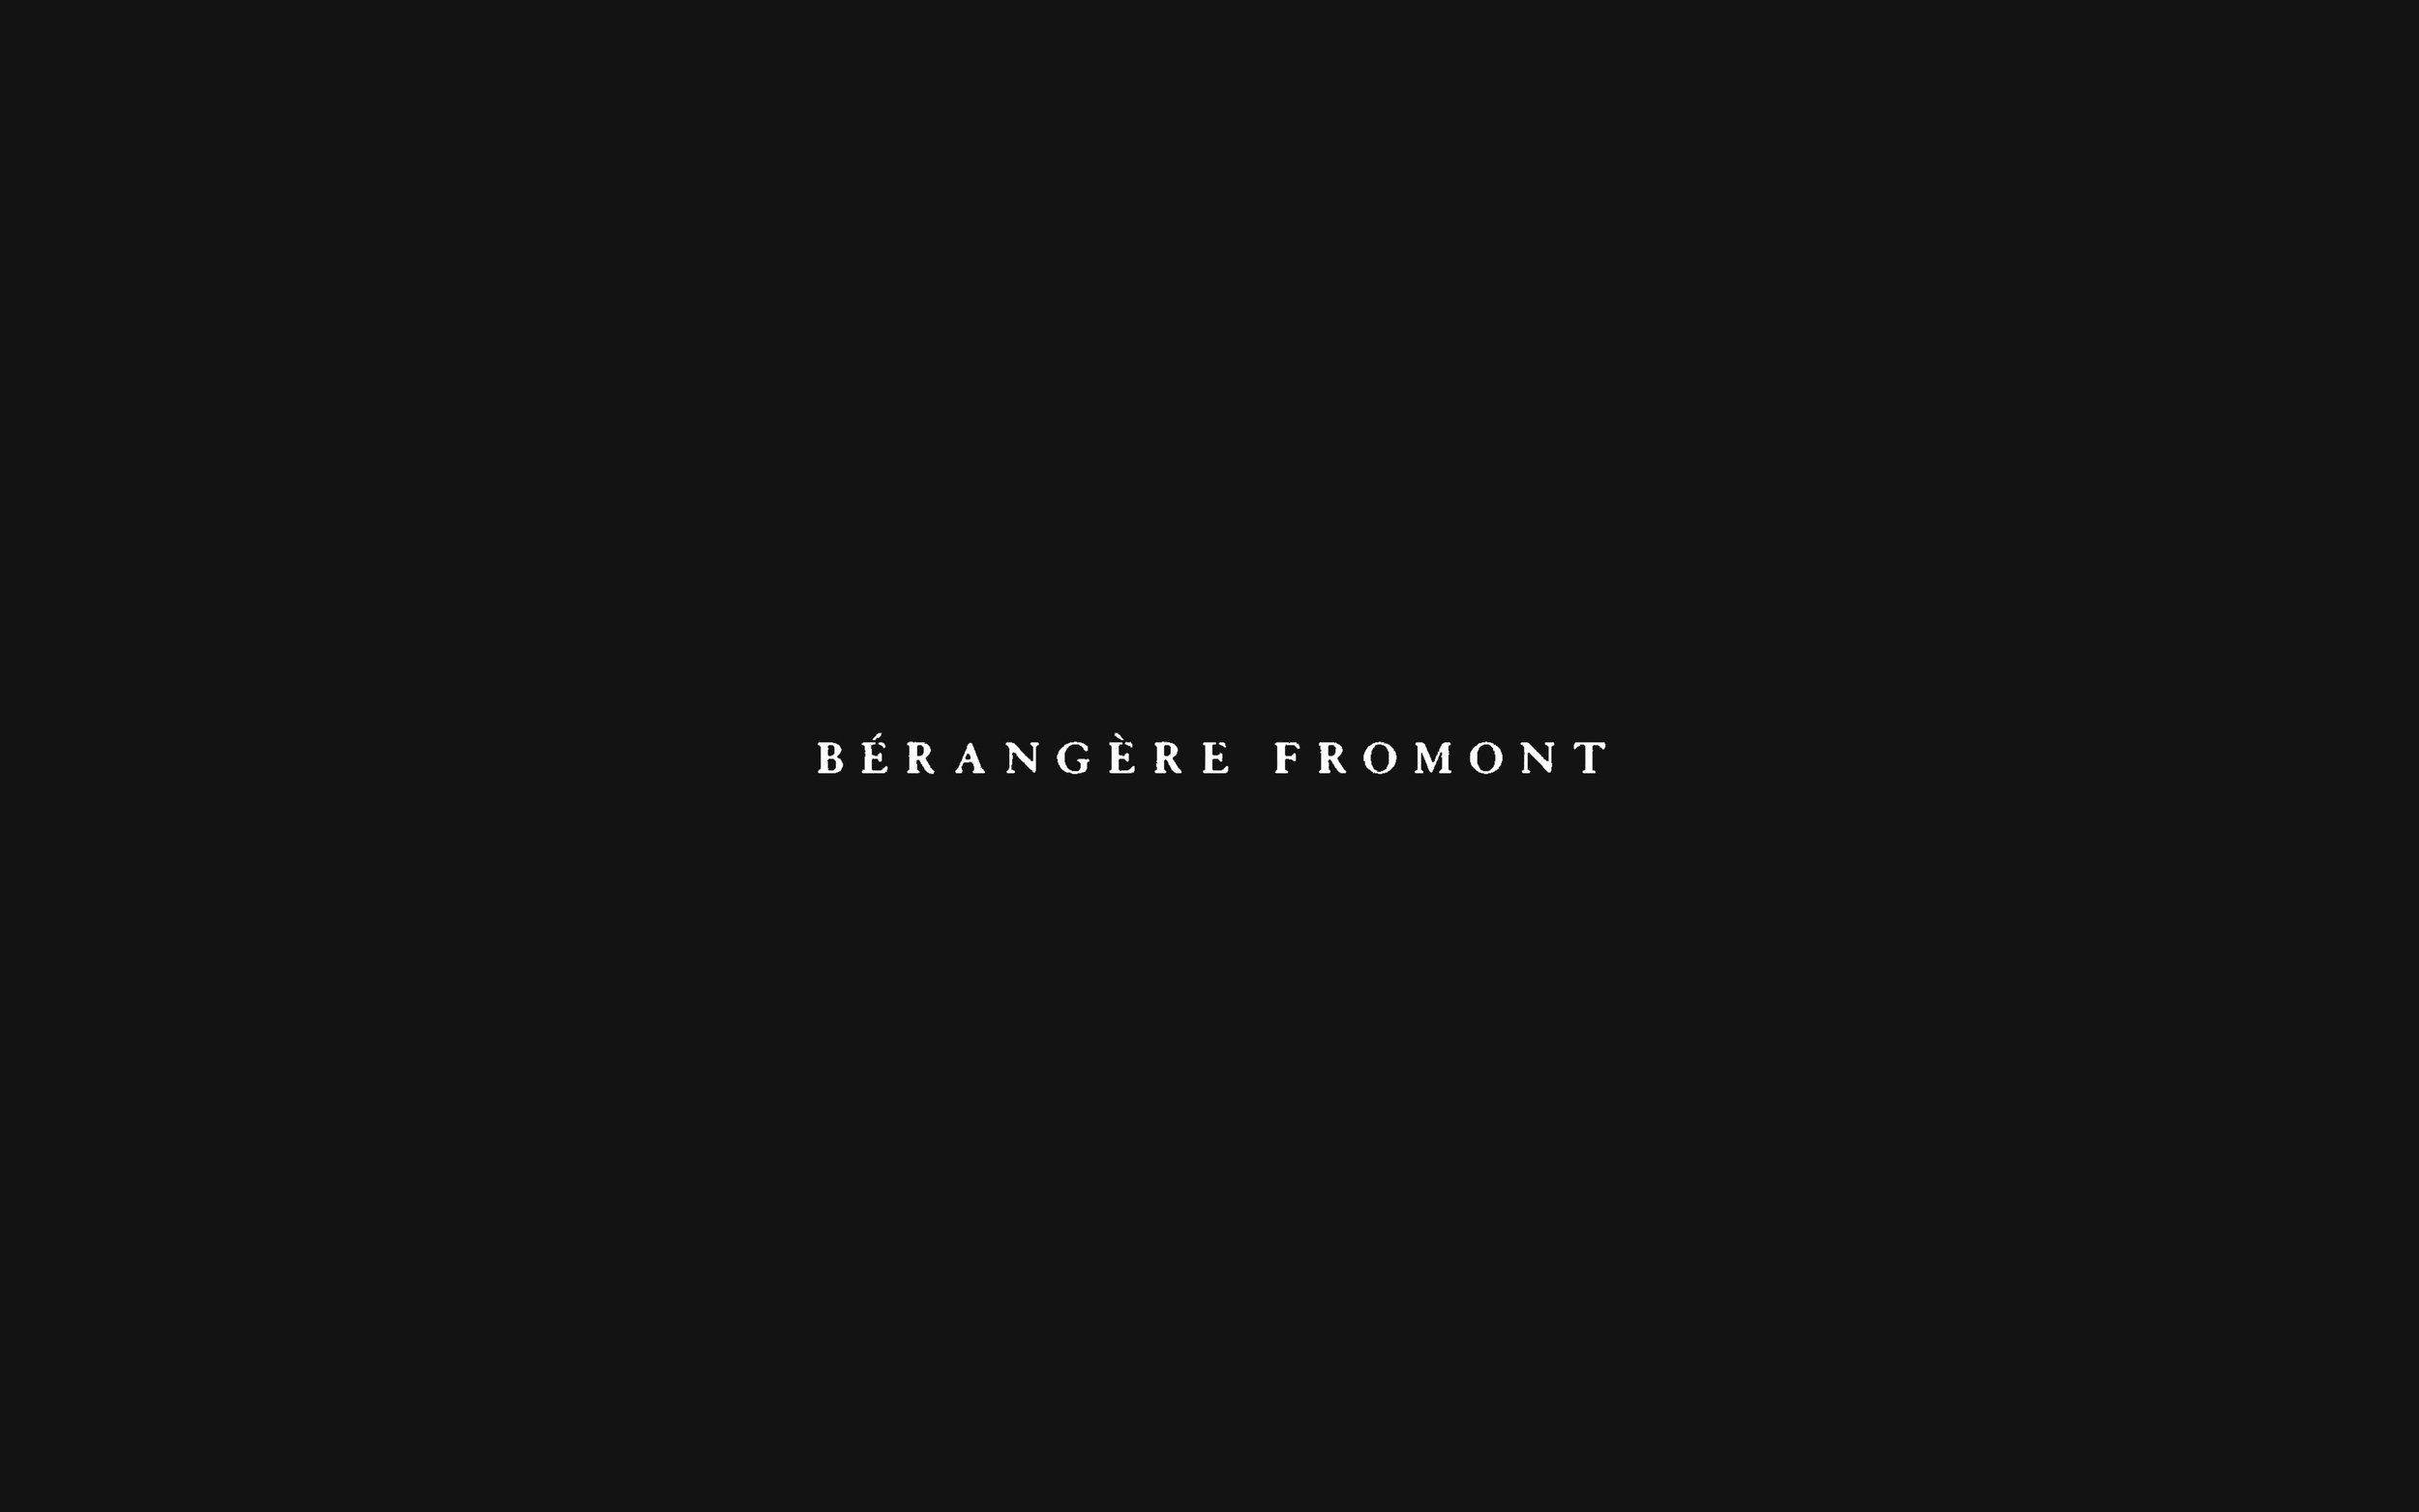 2C__Bérangère_Fromont_00.jpg